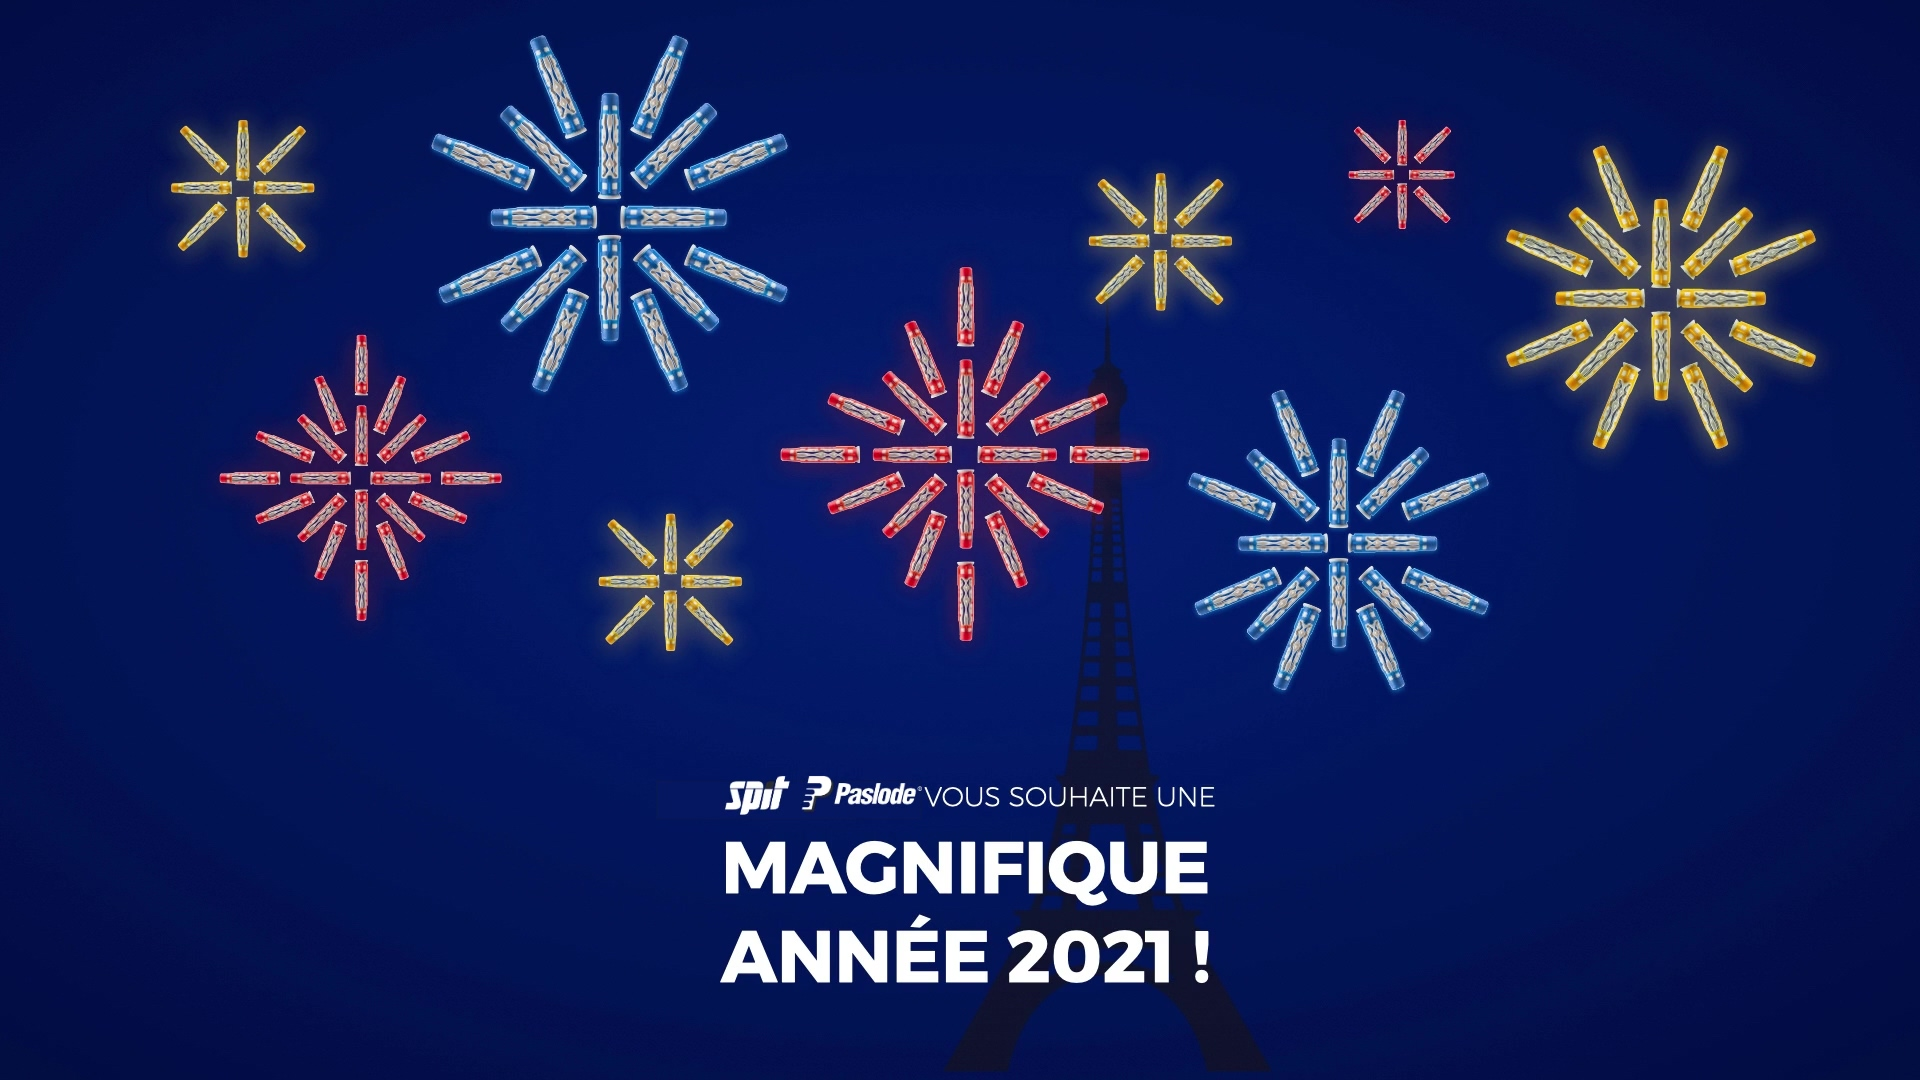 Toute l'équipe SPIT PASLODE vous souhaite une belle année 2021 !